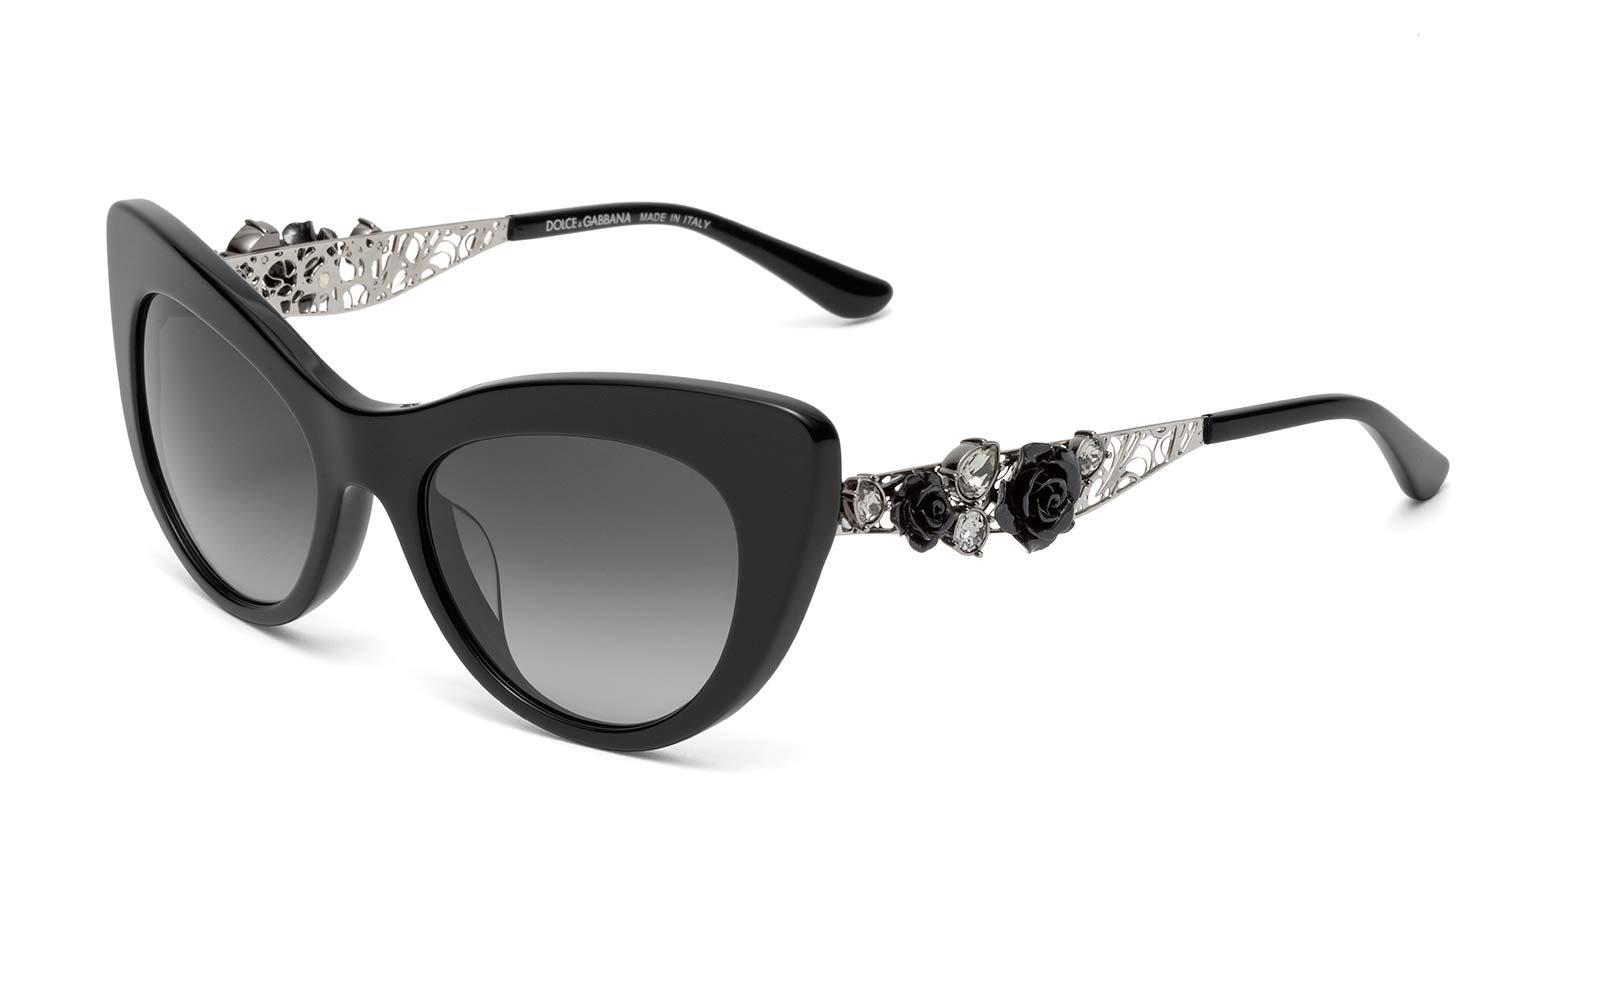 Dolce&Gabbana (euro 310)